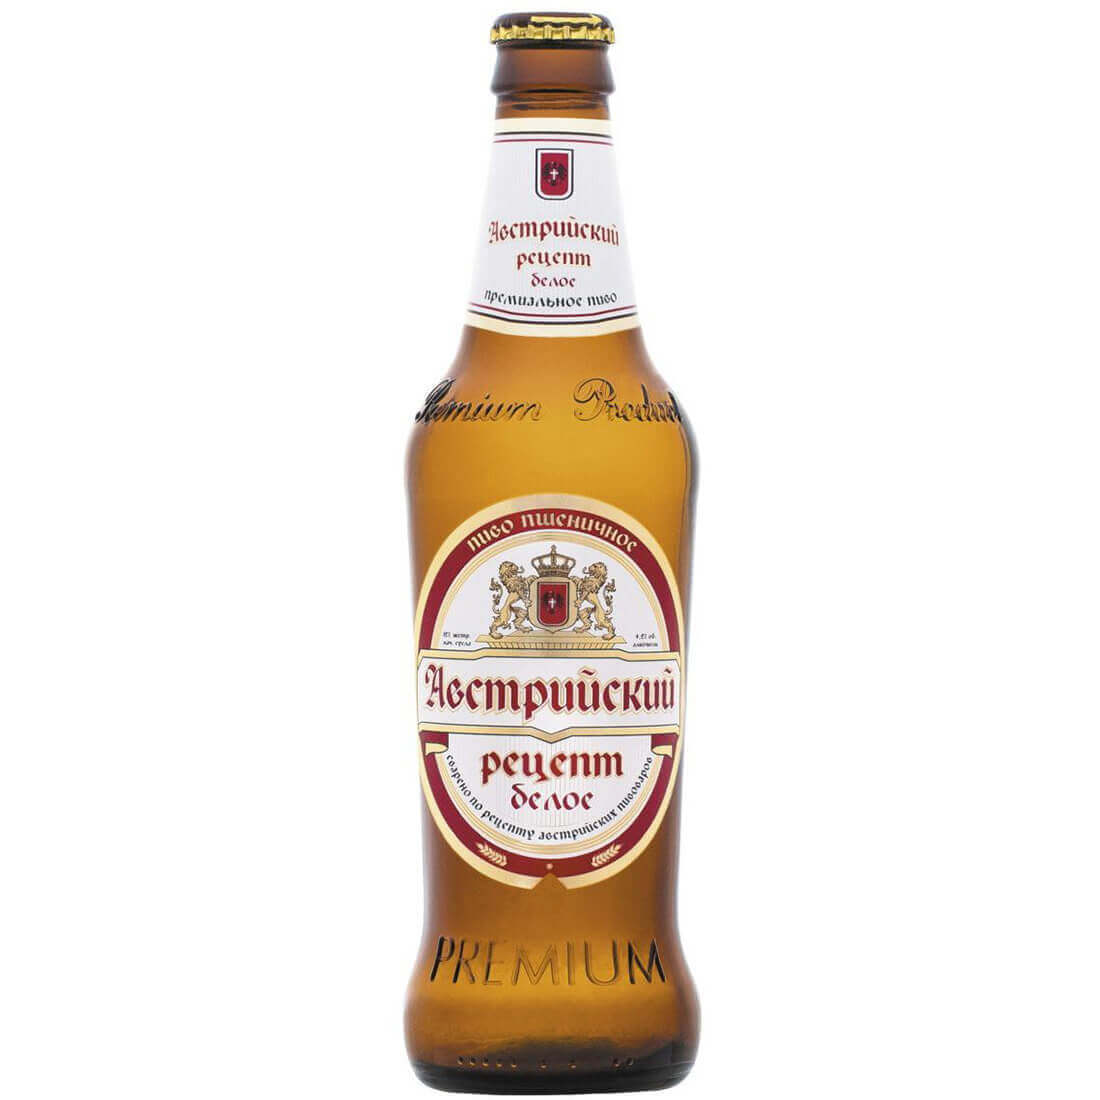 пиво австрийский рецепт